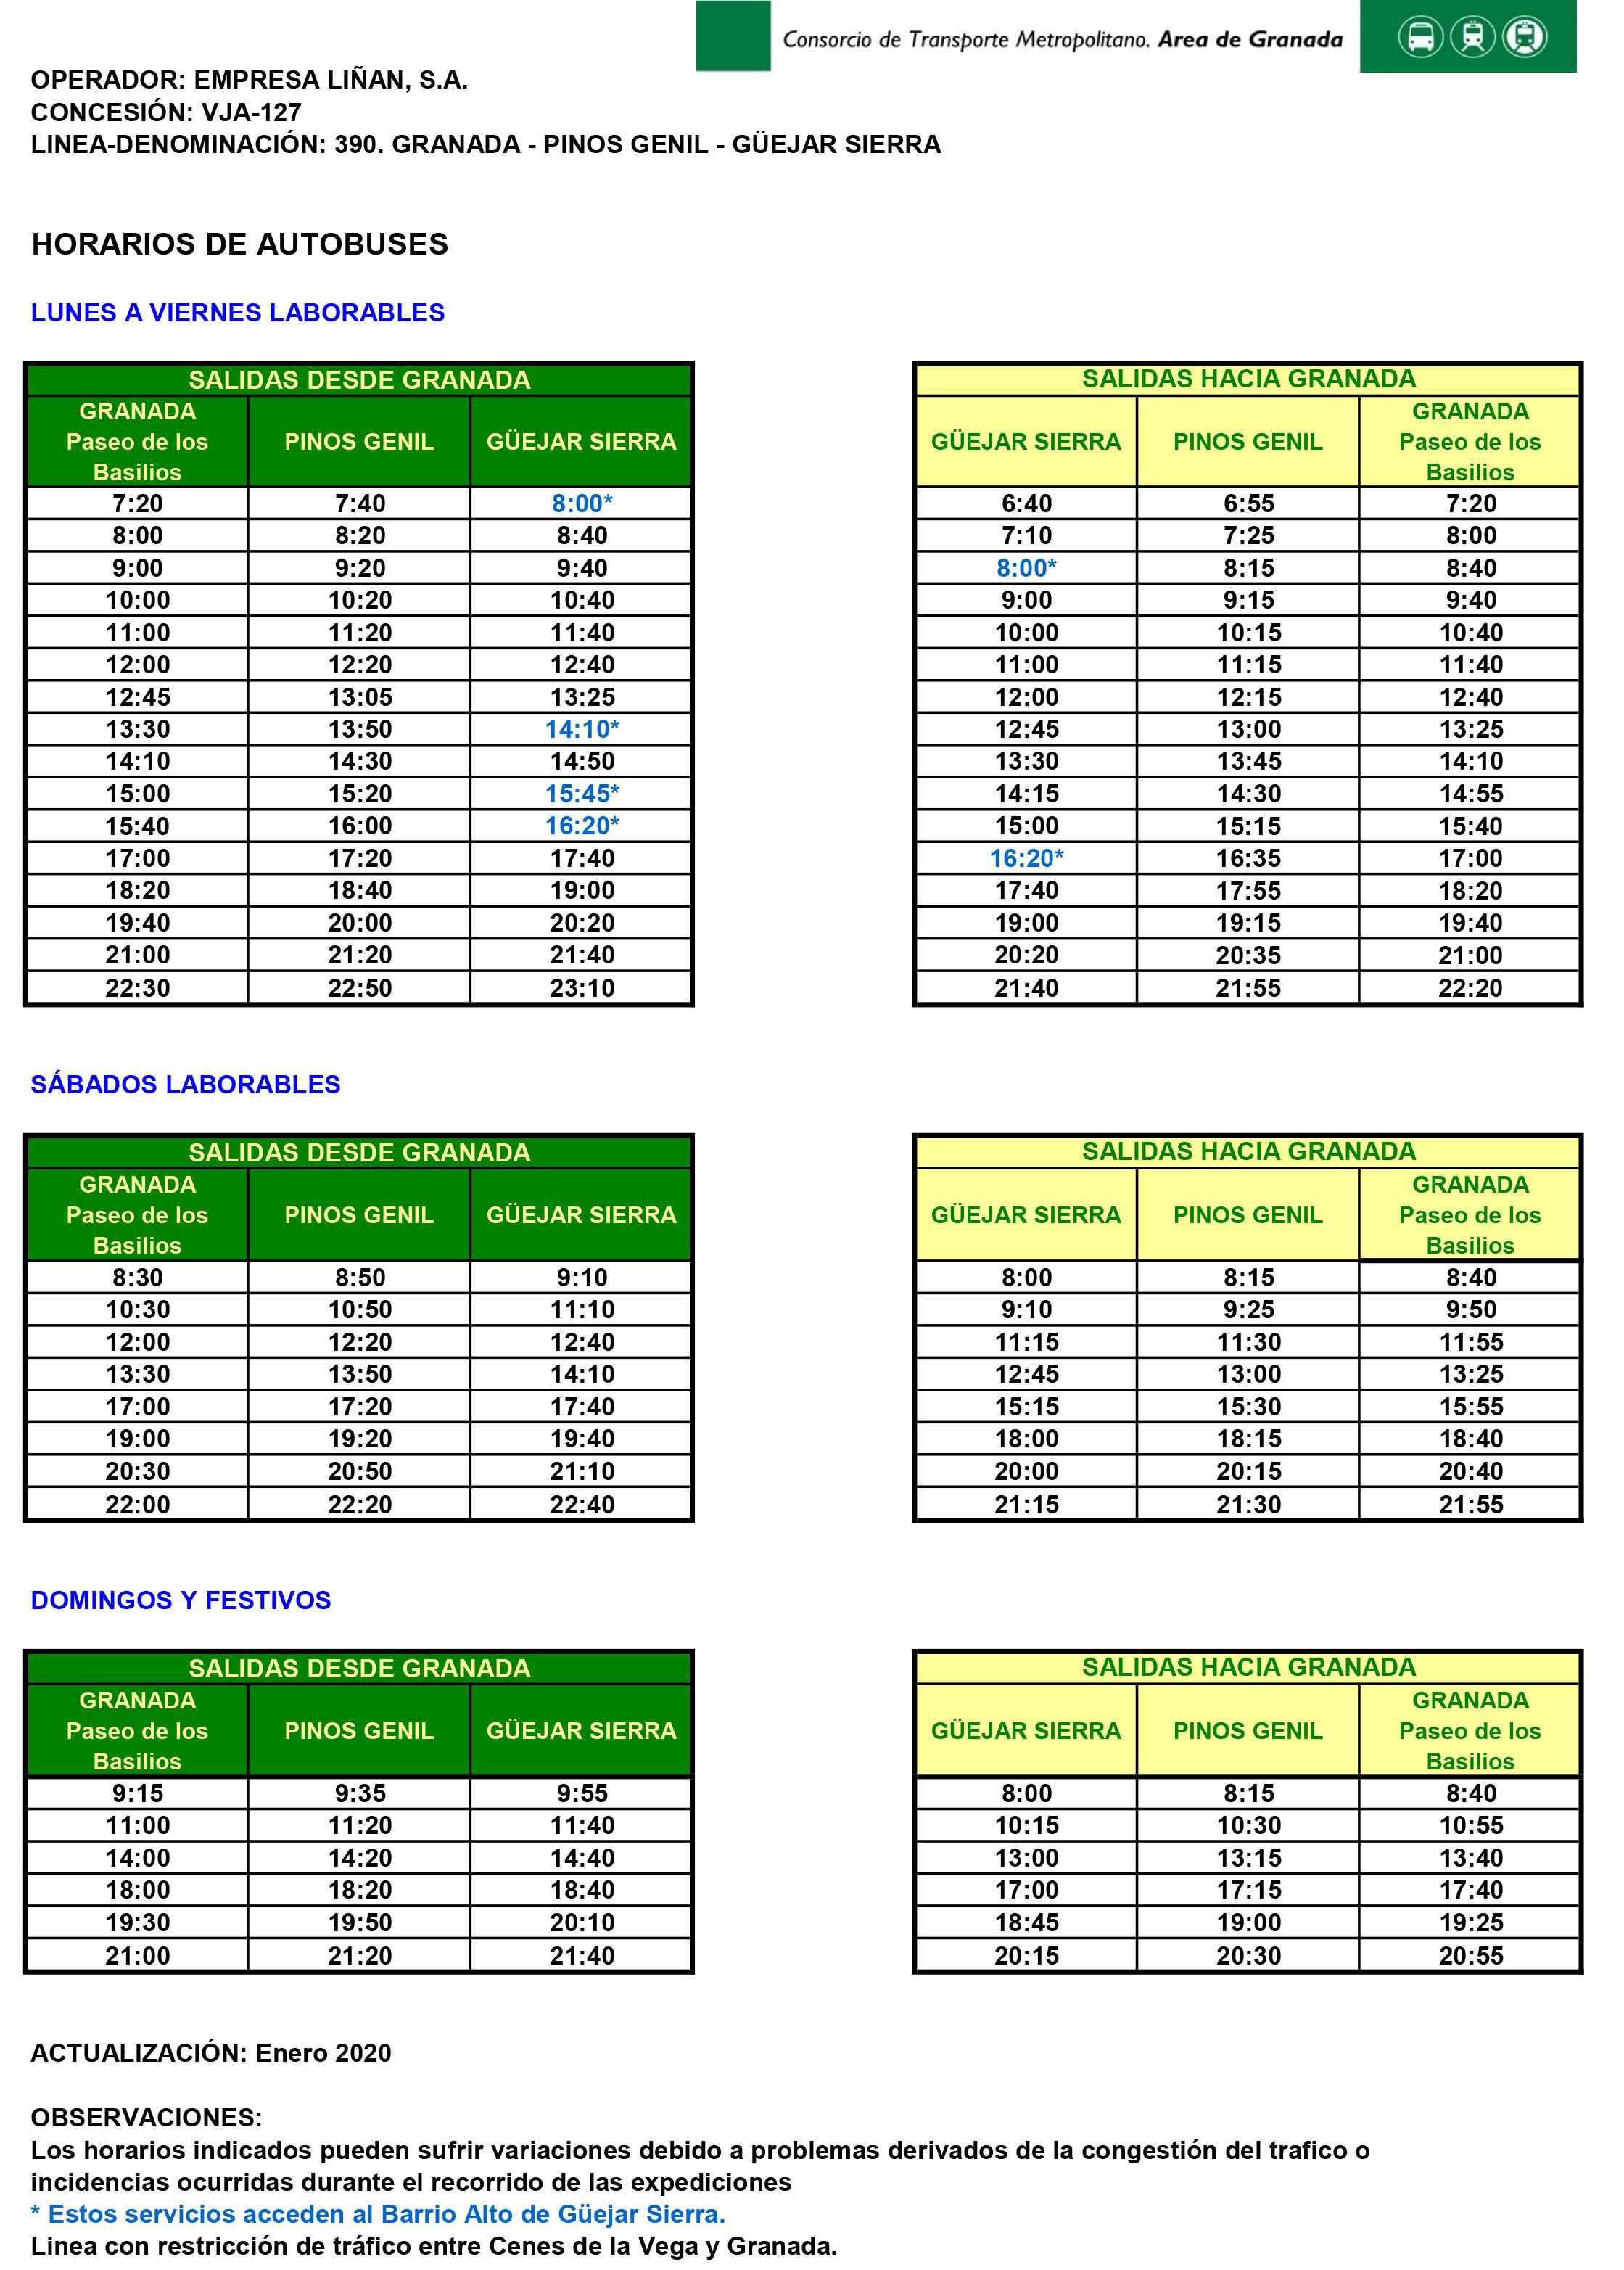 Horario autobuses enero 2020